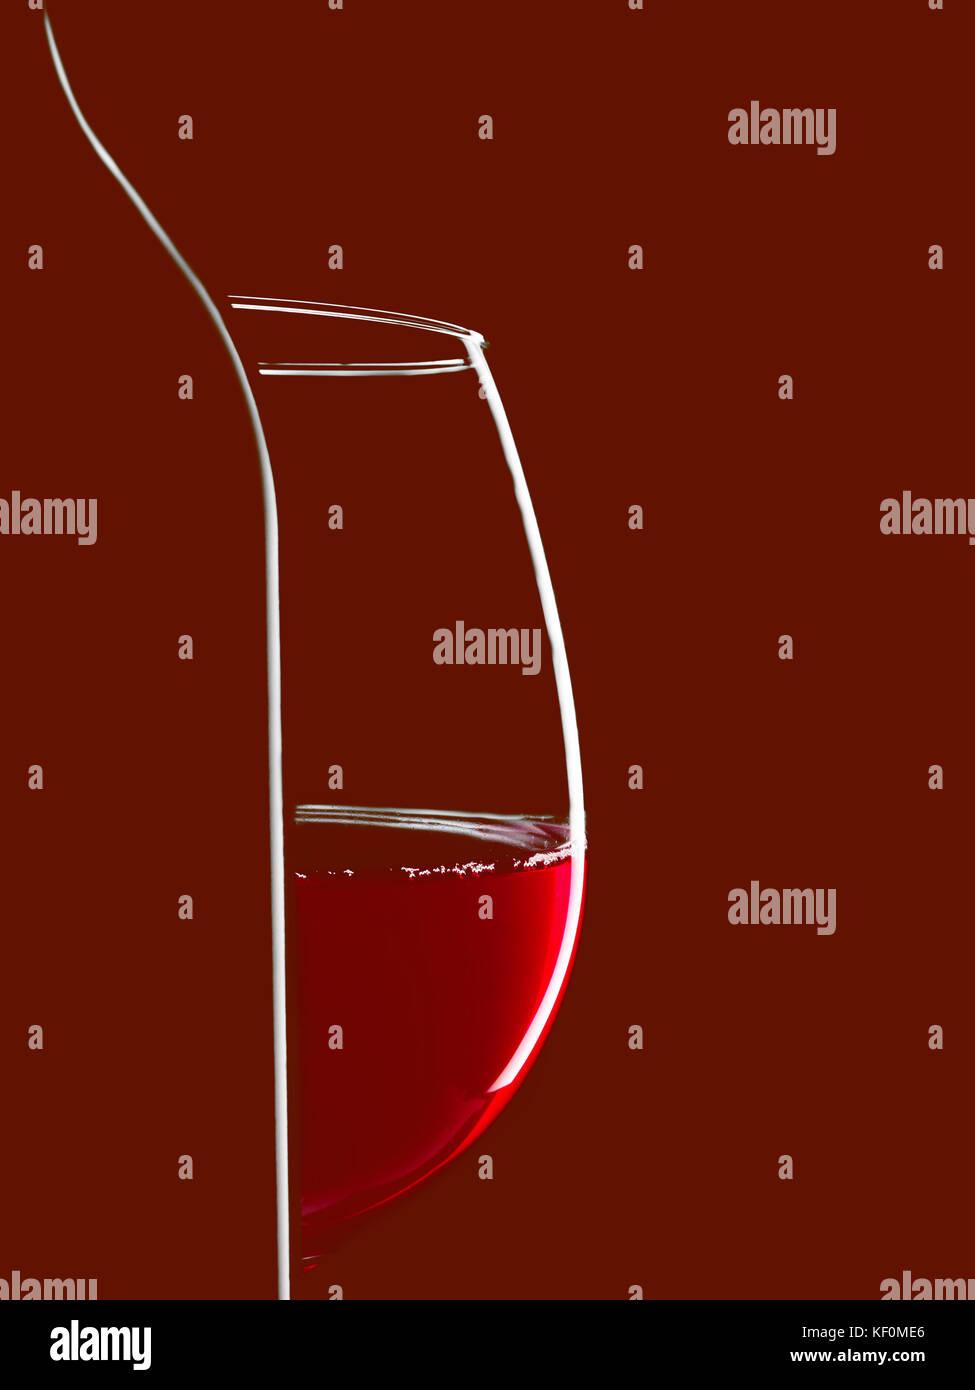 Silueta elegante botella de vino tinto y vidrio sobre fondo negro. Contorno con gradiente y destacados Imagen De Stock